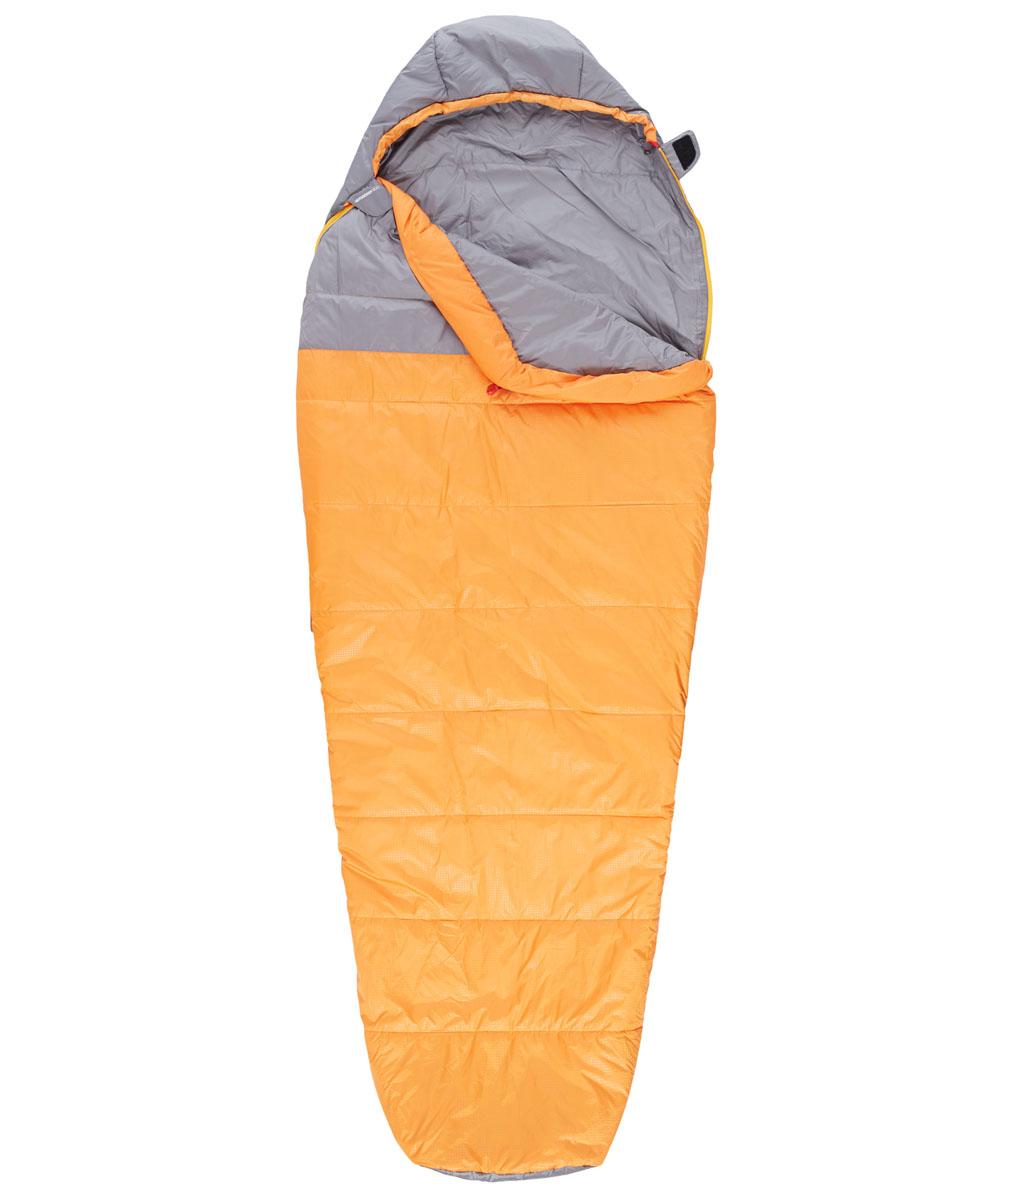 Спальный мешок The North Face Aleutian 35/2, цвет: оранжевый. T0A3A4M5RLH REG